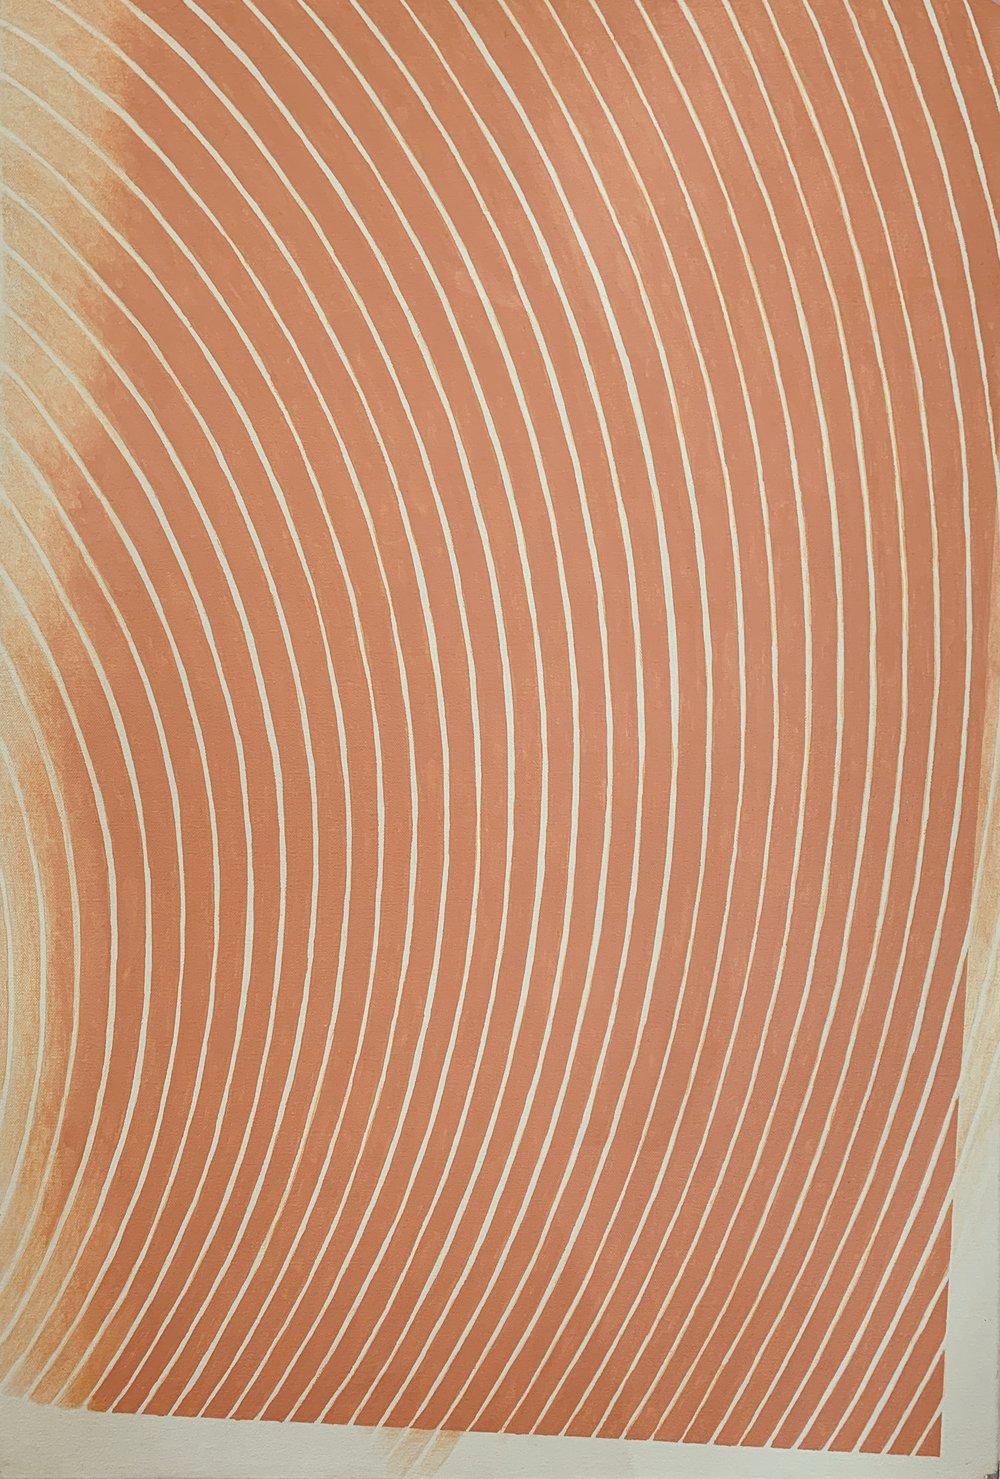 CHRIS CARMODY  UA845.J36I,  2012 oil on canvas 74 x 49.9 cm